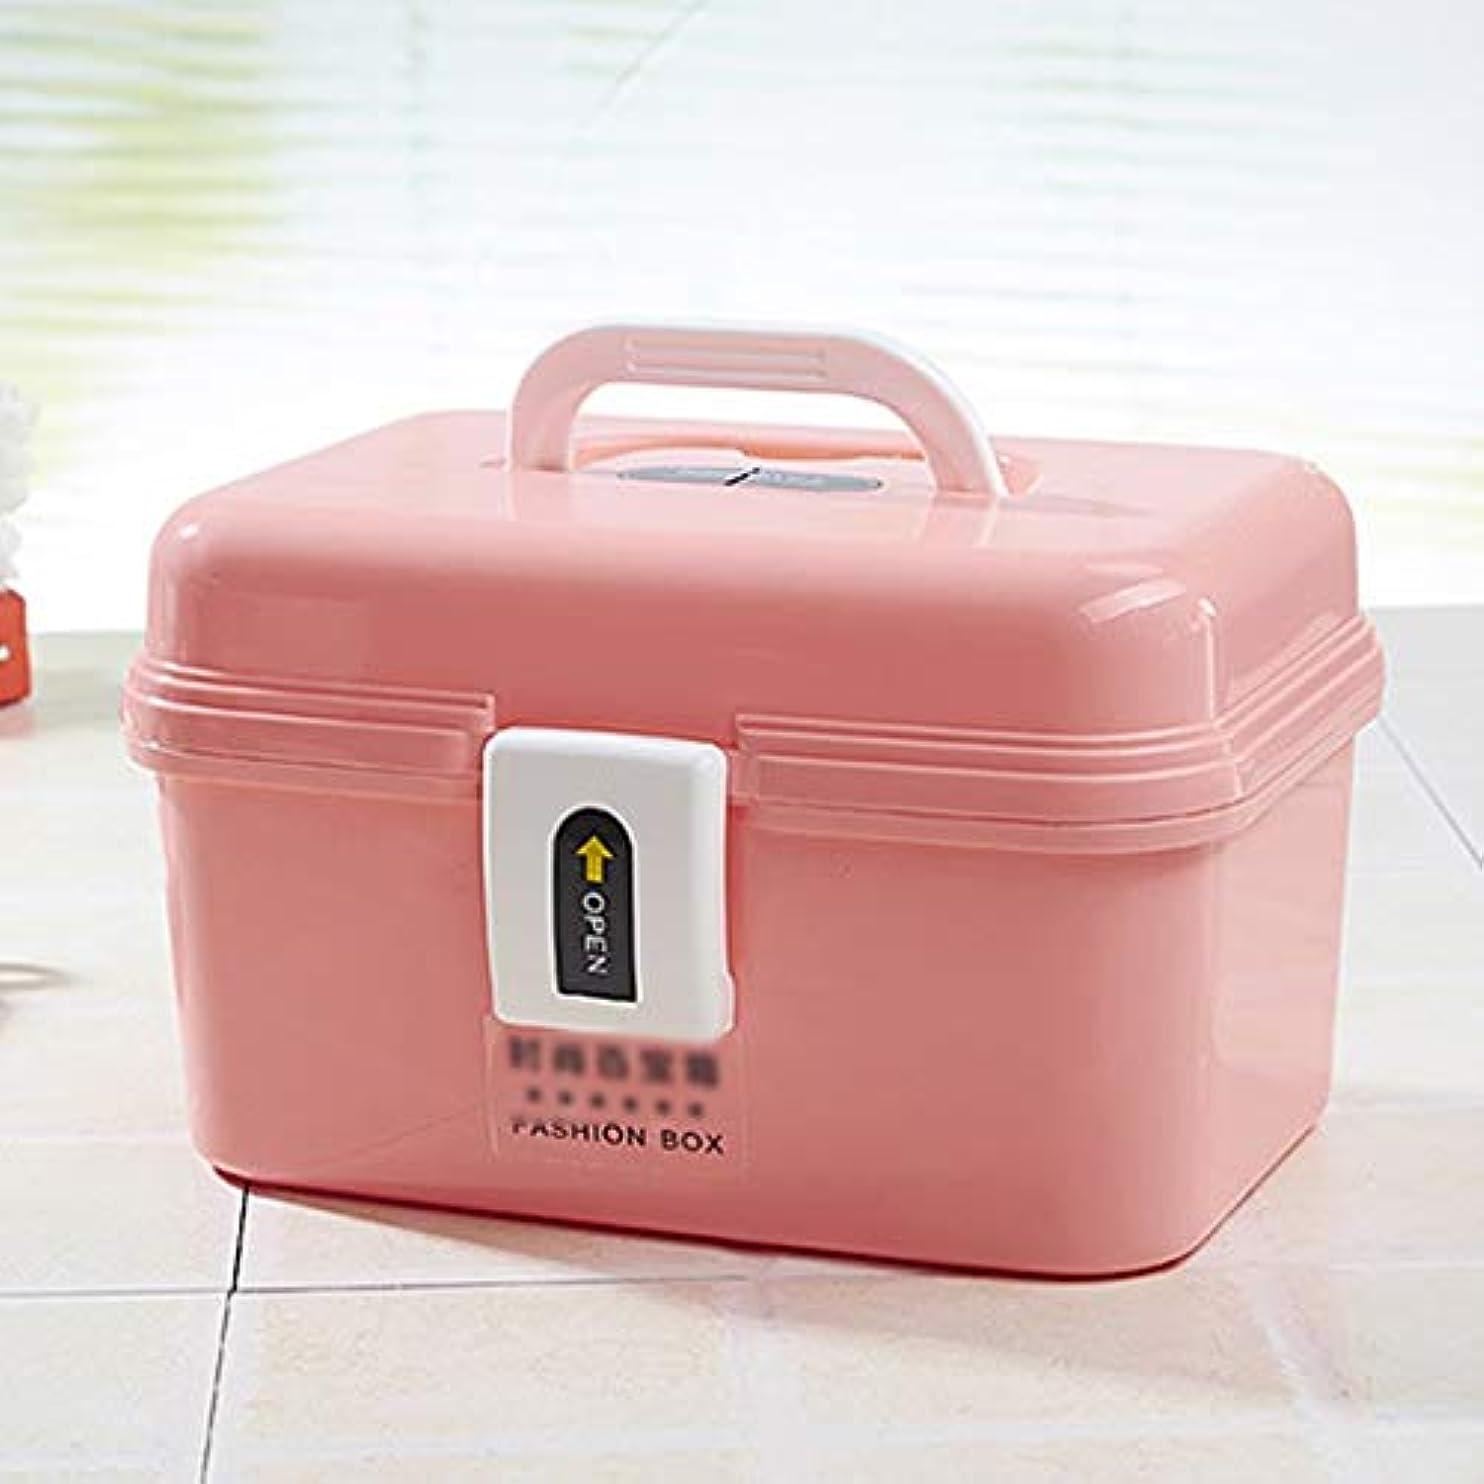 使用法スカート鬼ごっこ薬の箱多機能の携帯用大容量の倍のプラスチック医学の収納箱は宝石類および化粧品23.5×15.5×14cmを貯えることができます SYFO (Color : Pink)